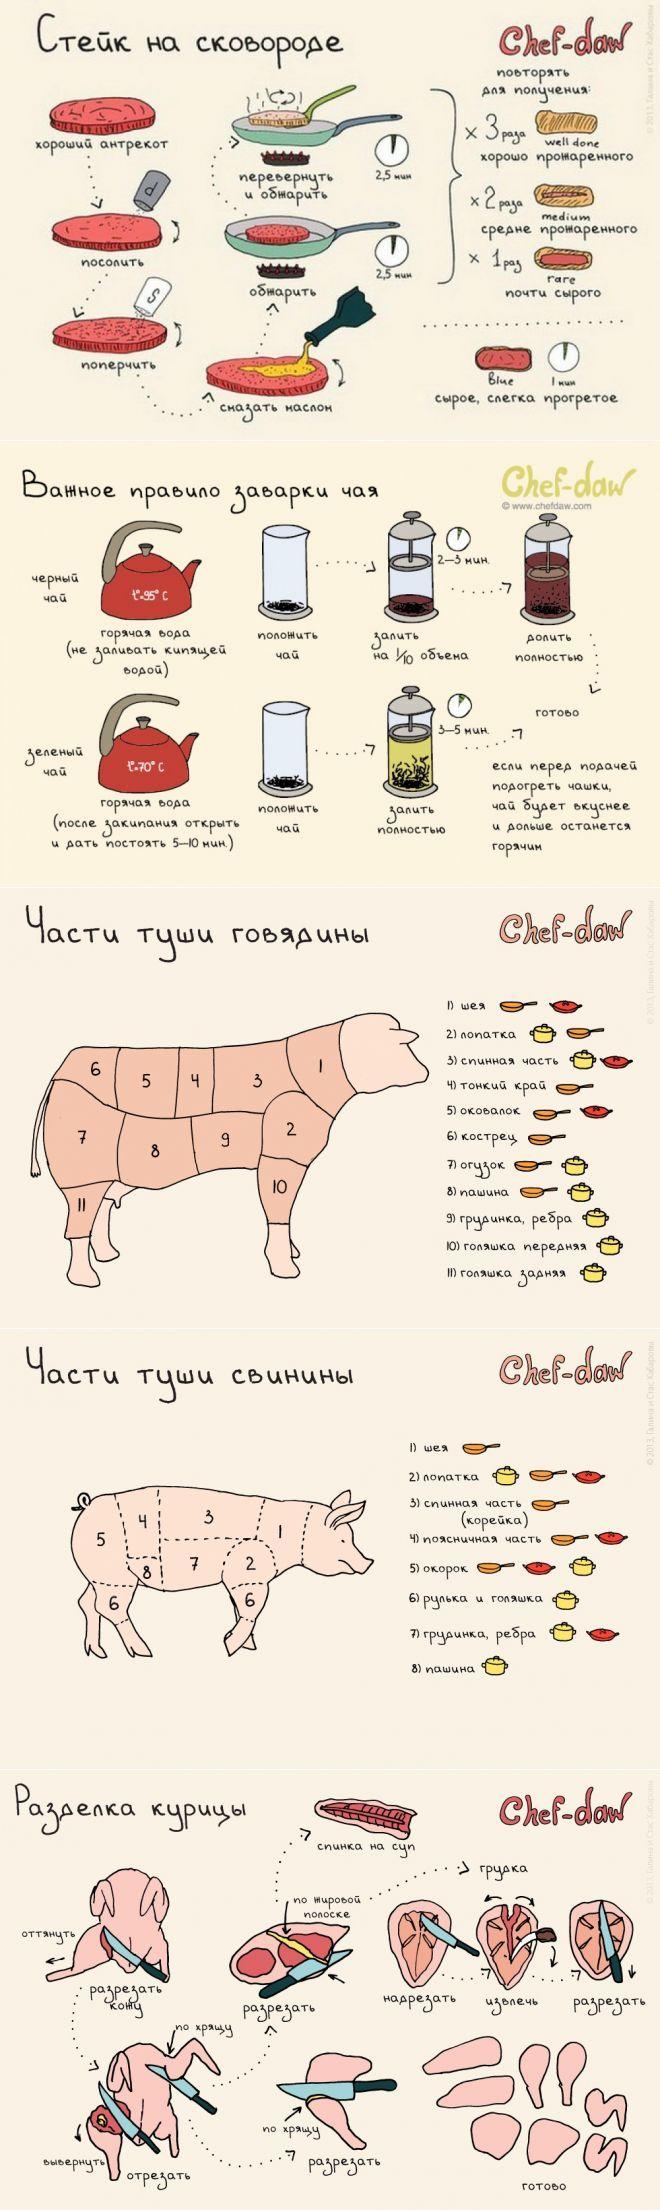 smartinf.ru